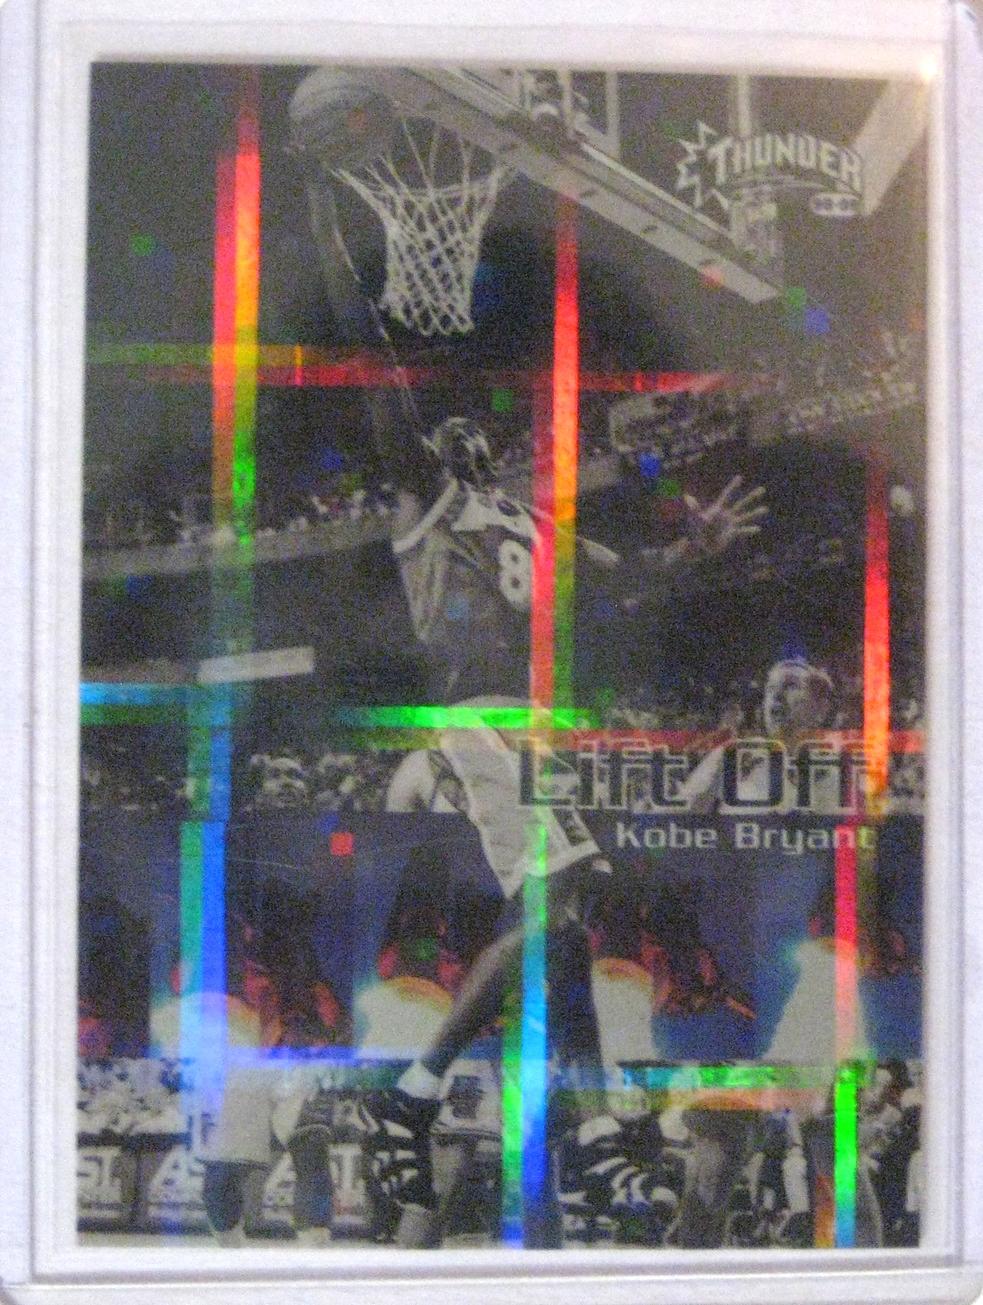 1998-99 Skybox Thunder Lift Off Kobe Bryant